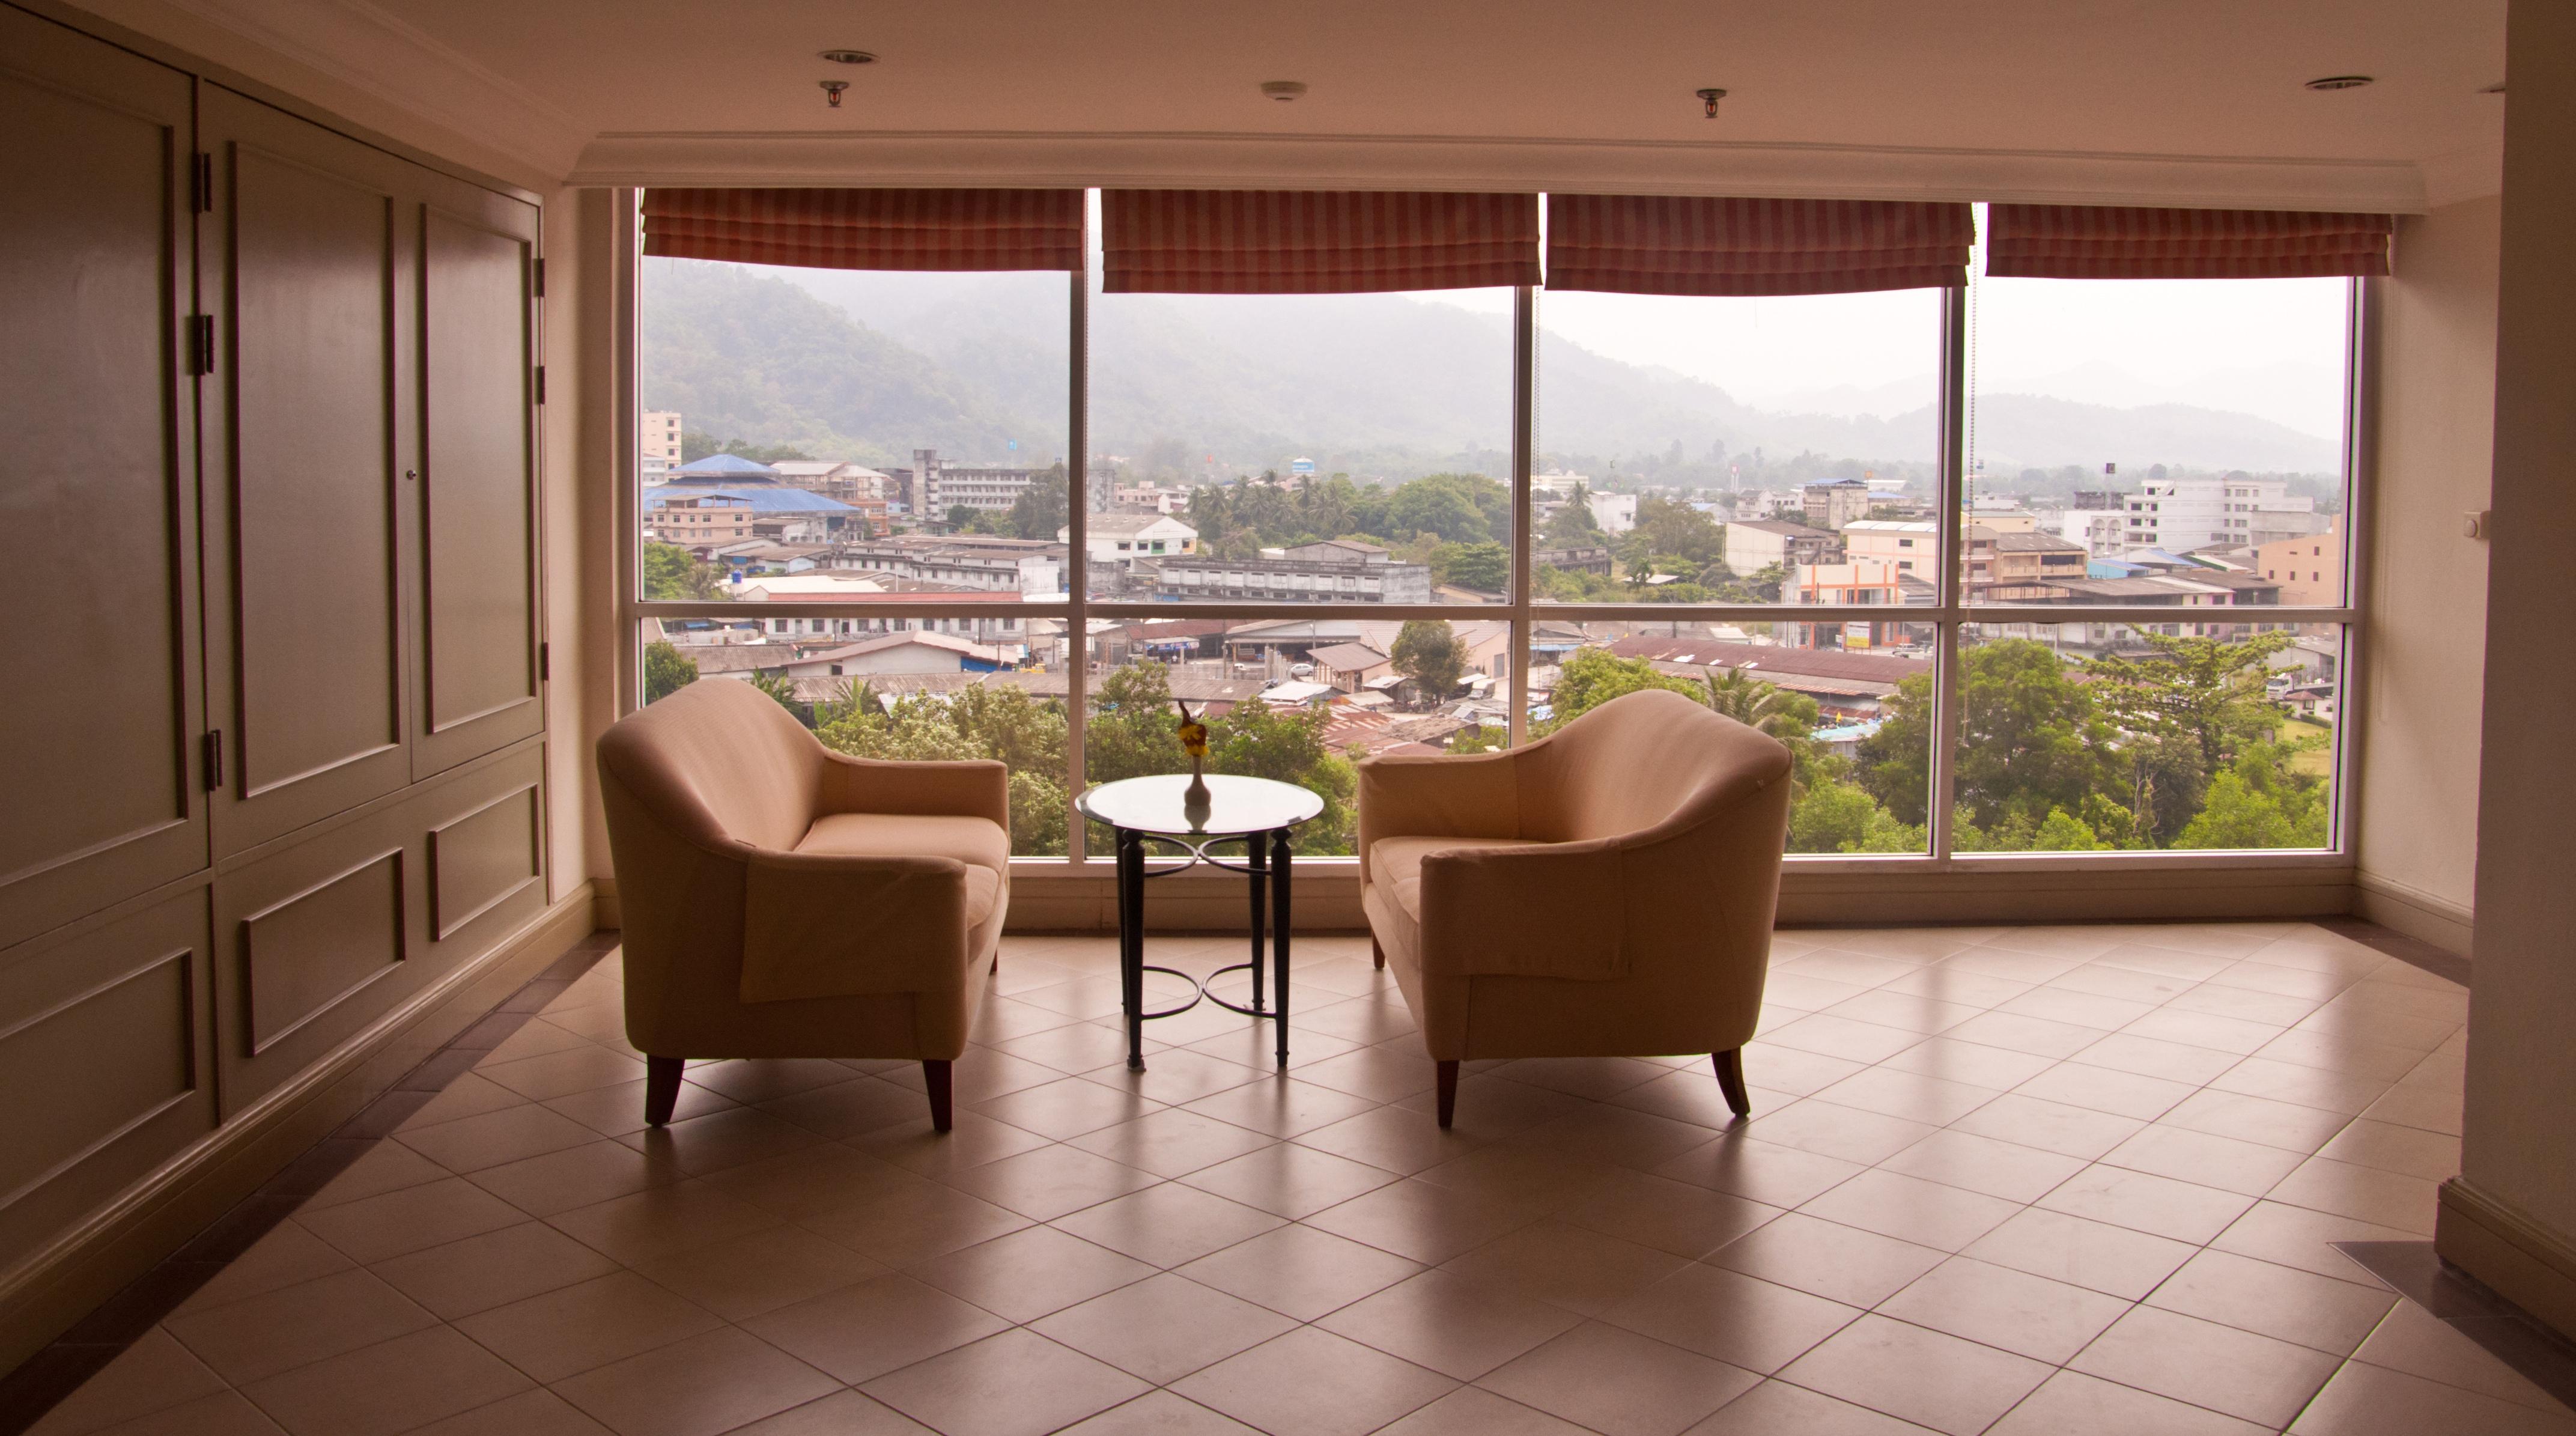 Hintergrundbilder : Fenster, Stadt, Zimmer, Haus, Innenarchitektur ...